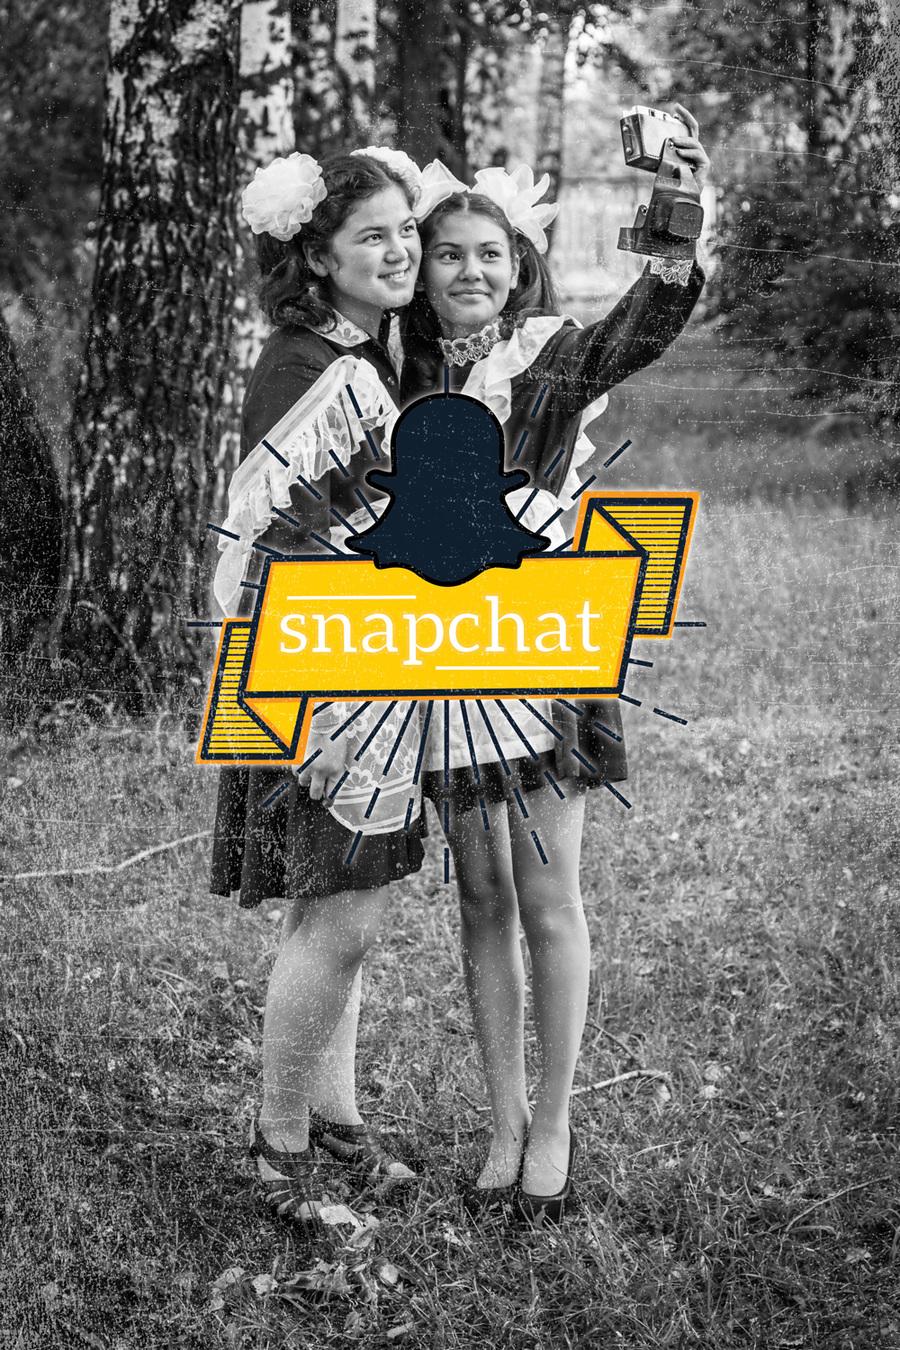 snapchat-vintage